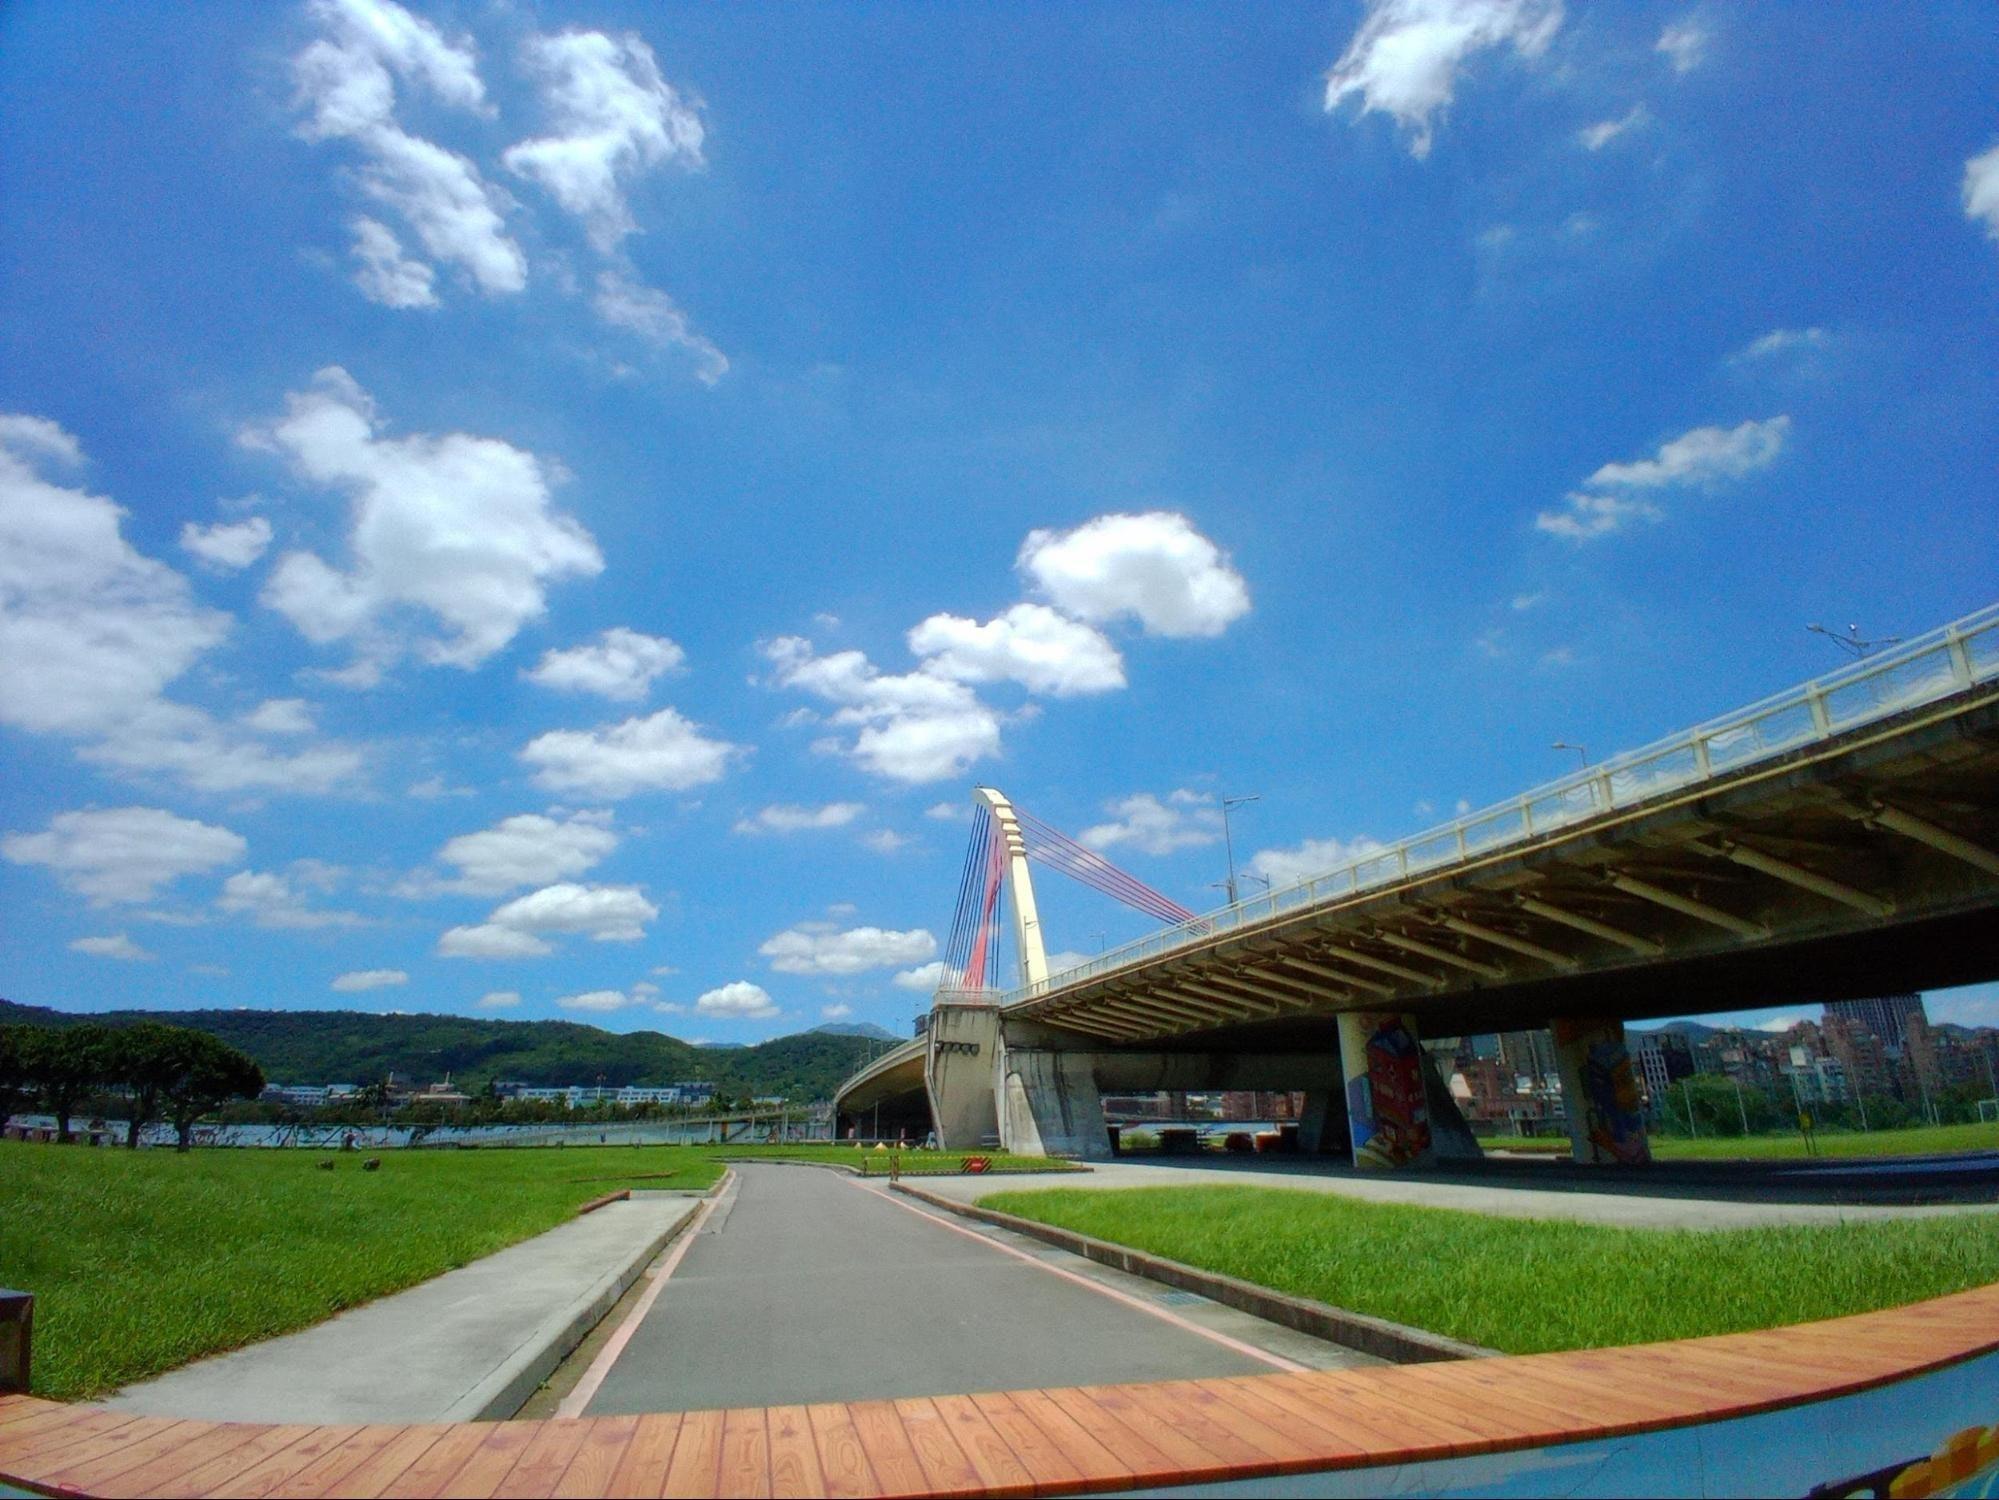 照片中包含了天空、受控通道高速公路、水库、运动场馆、立交桥